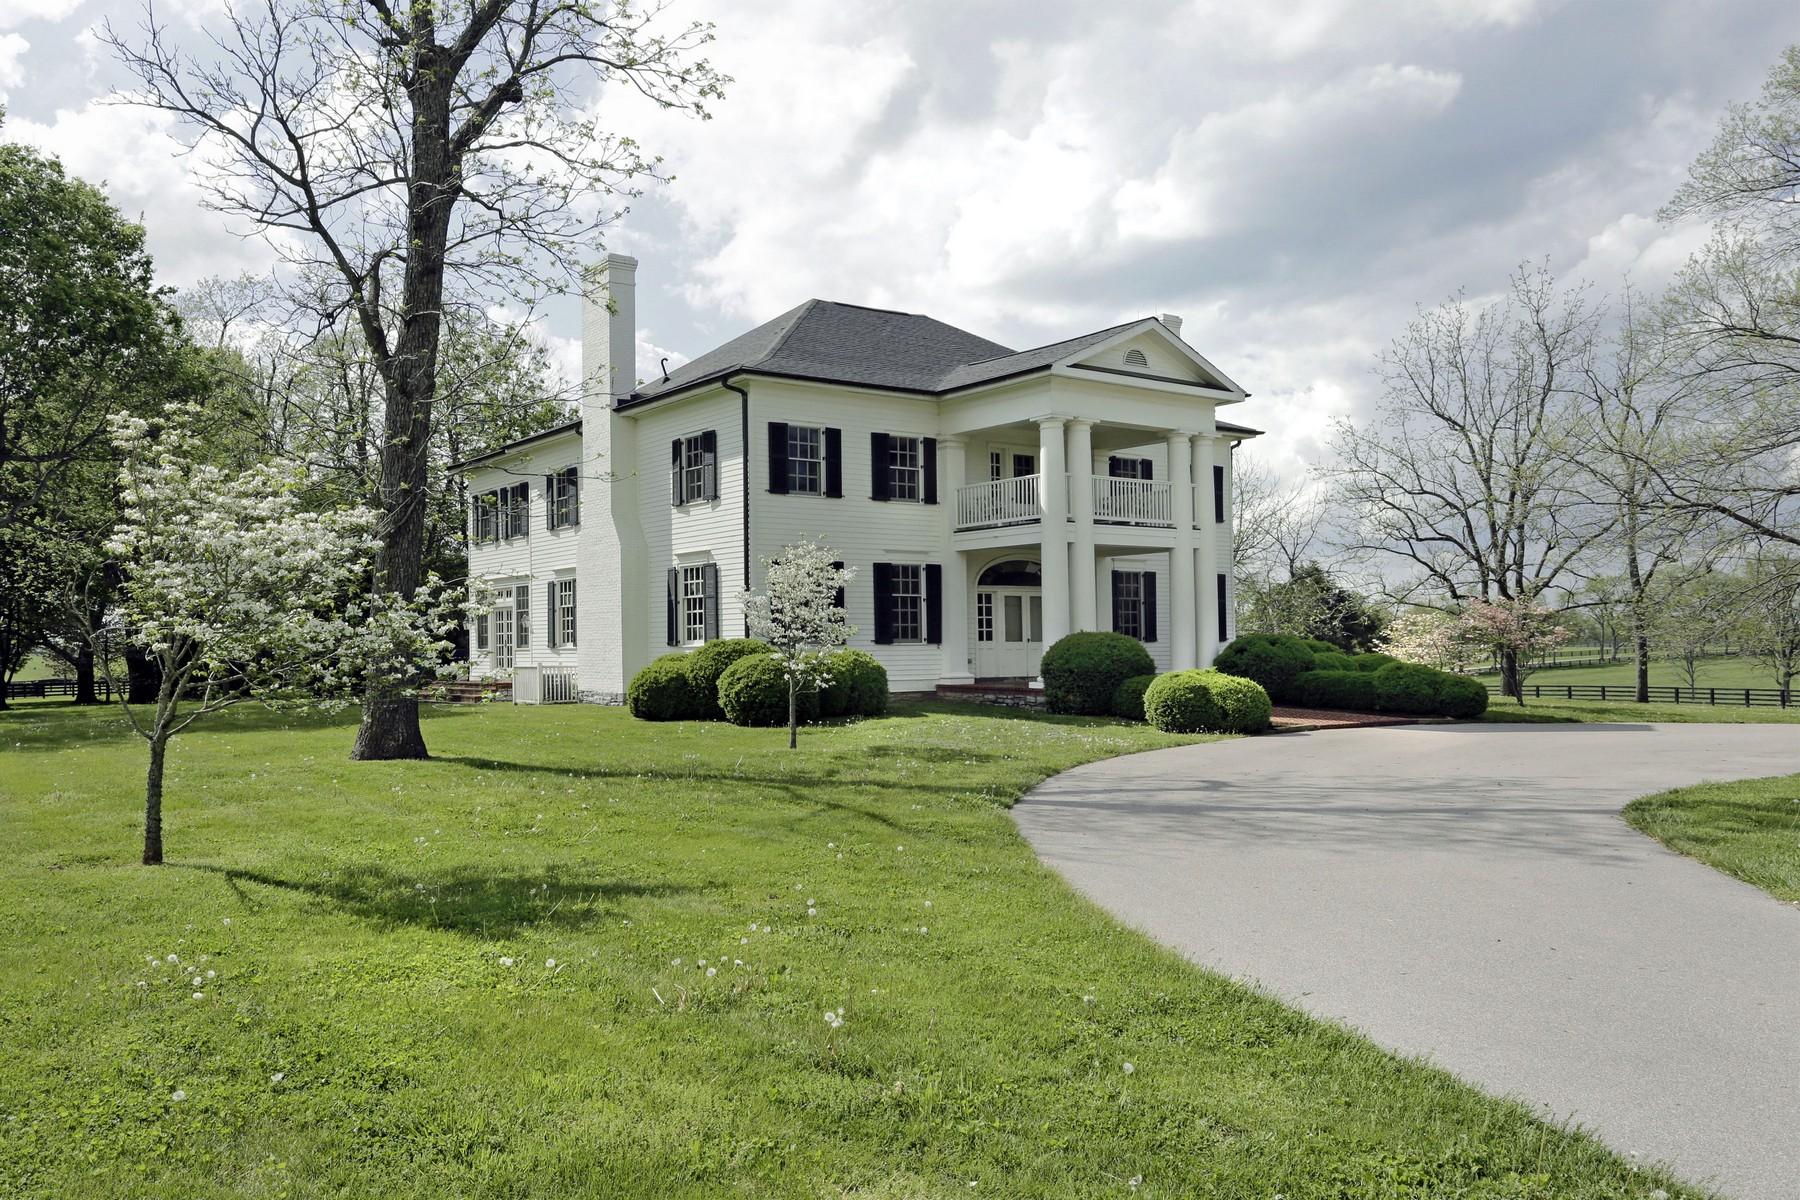 Maison unifamiliale pour l Vente à 4675 Big Sink Road Versailles, Kentucky, 40383 États-Unis